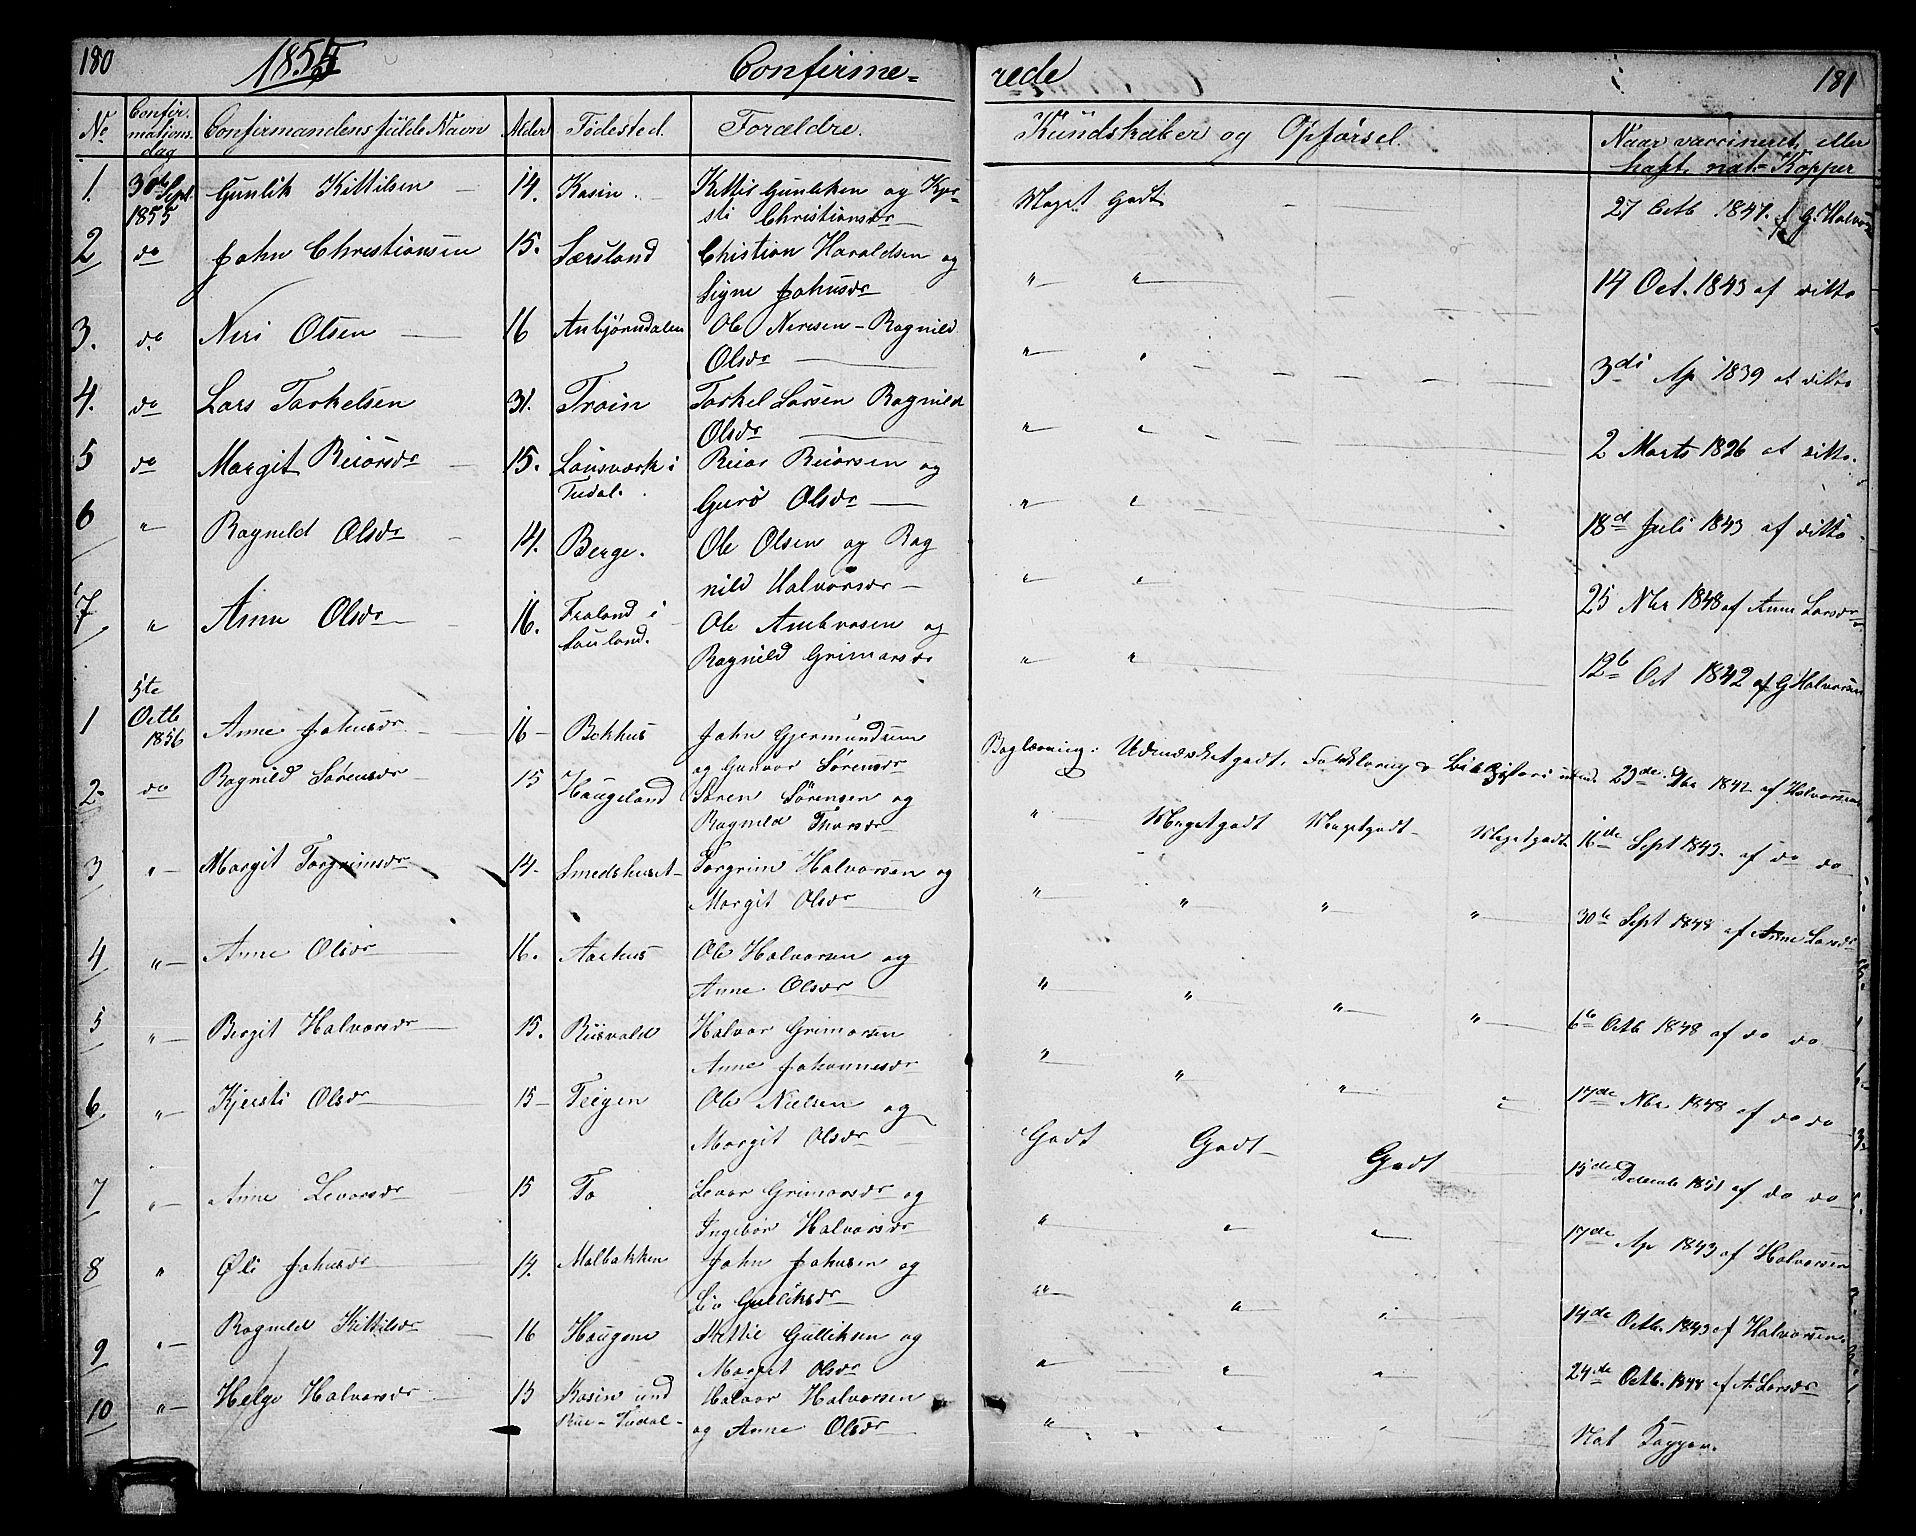 SAKO, Hjartdal kirkebøker, G/Ga/L0002: Klokkerbok nr. I 2, 1854-1888, s. 180-181